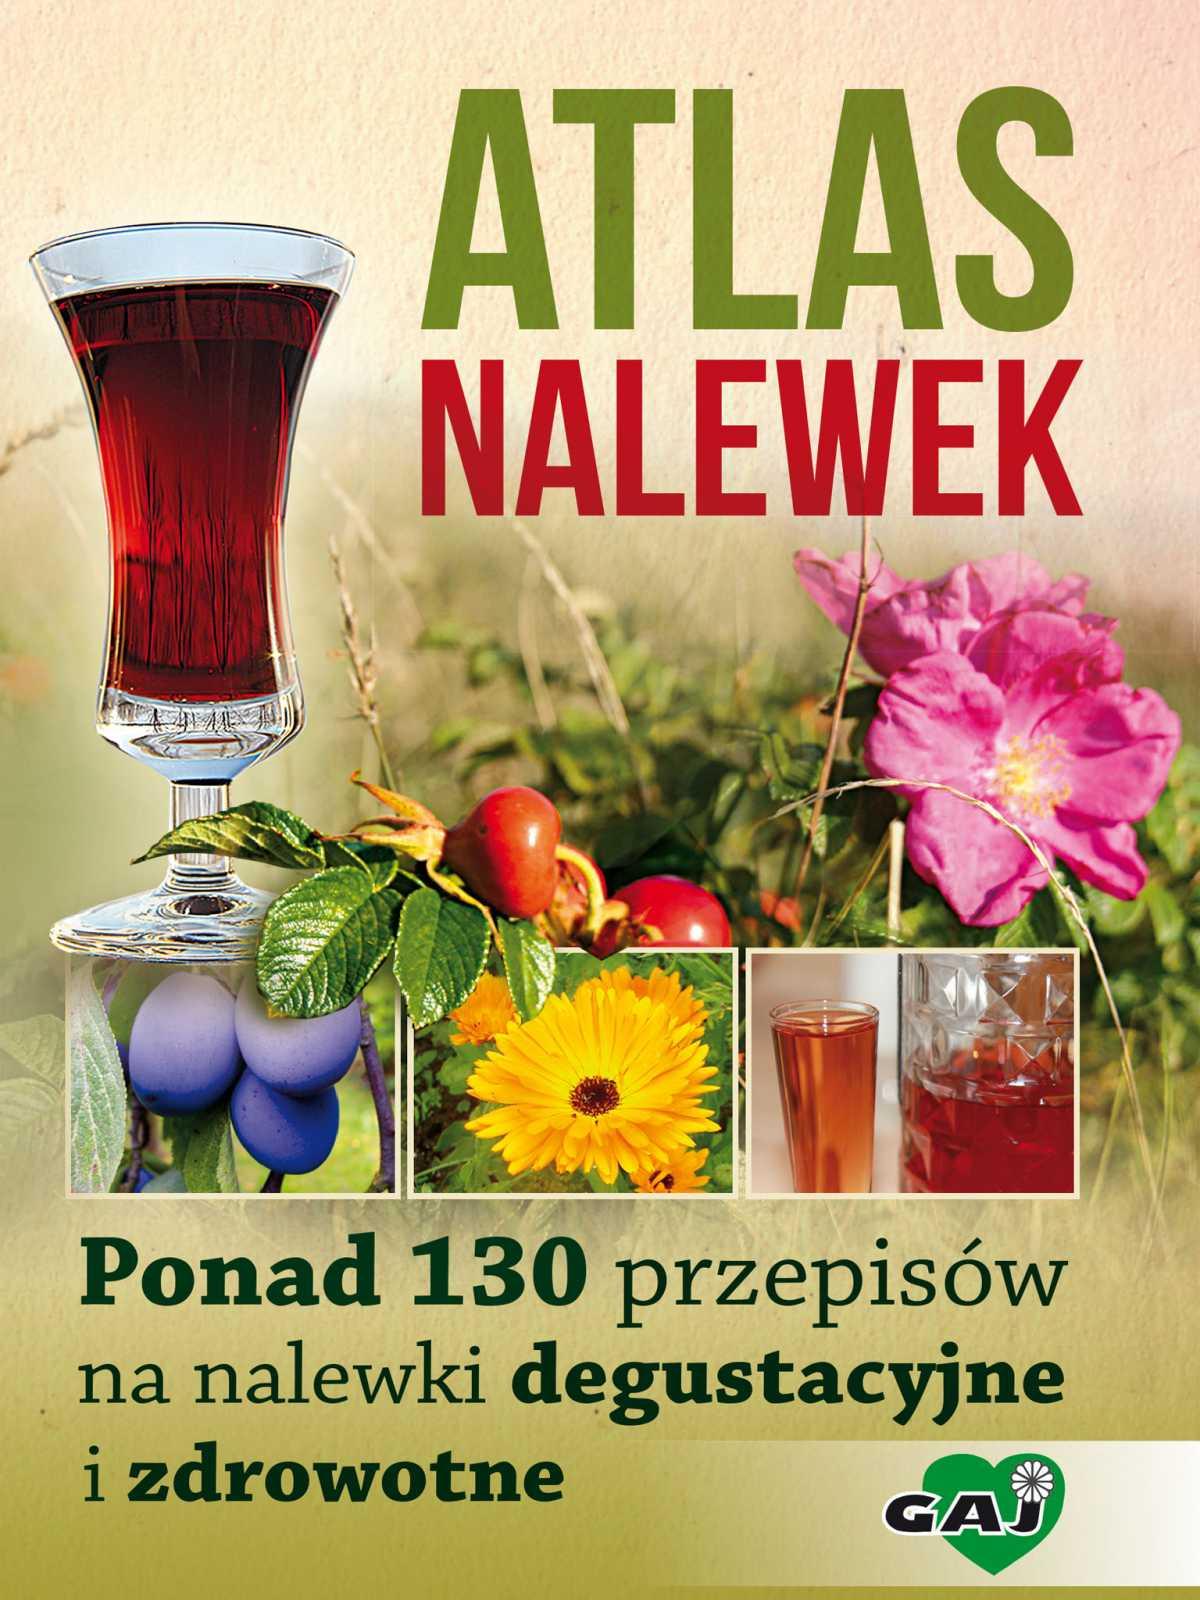 Atlas nalewek. Ponad 130 przepisów na nalewki degustacyjne i zdrowotne - Ebook (Książka na Kindle) do pobrania w formacie MOBI